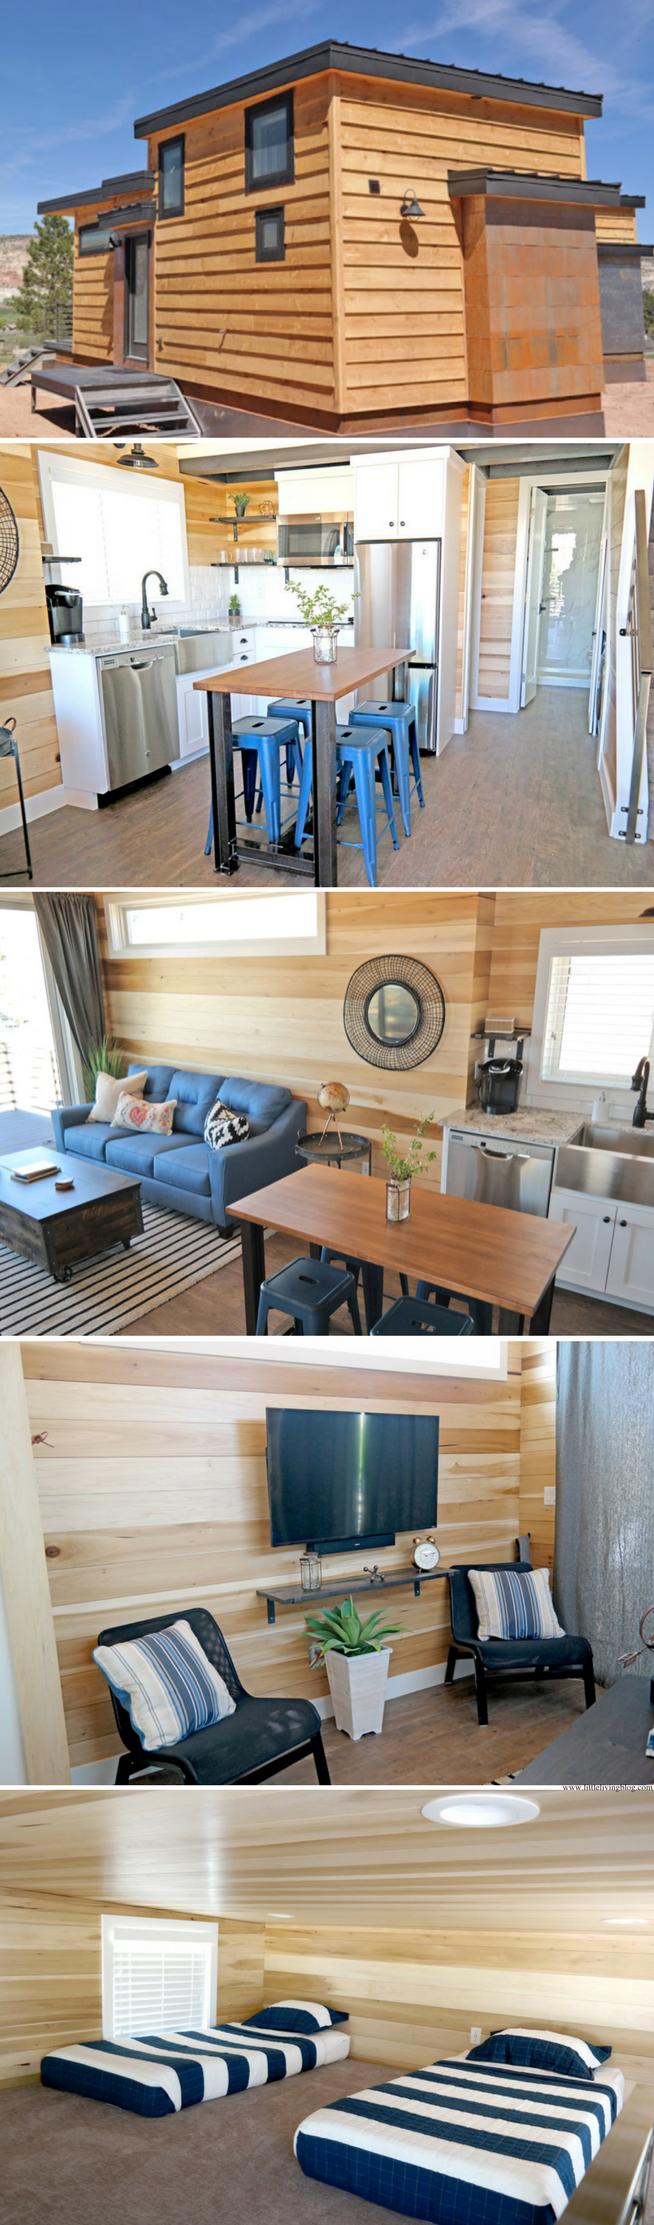 The Escalante Escape: a sleek, modern 570 sq ft retreat in Utah